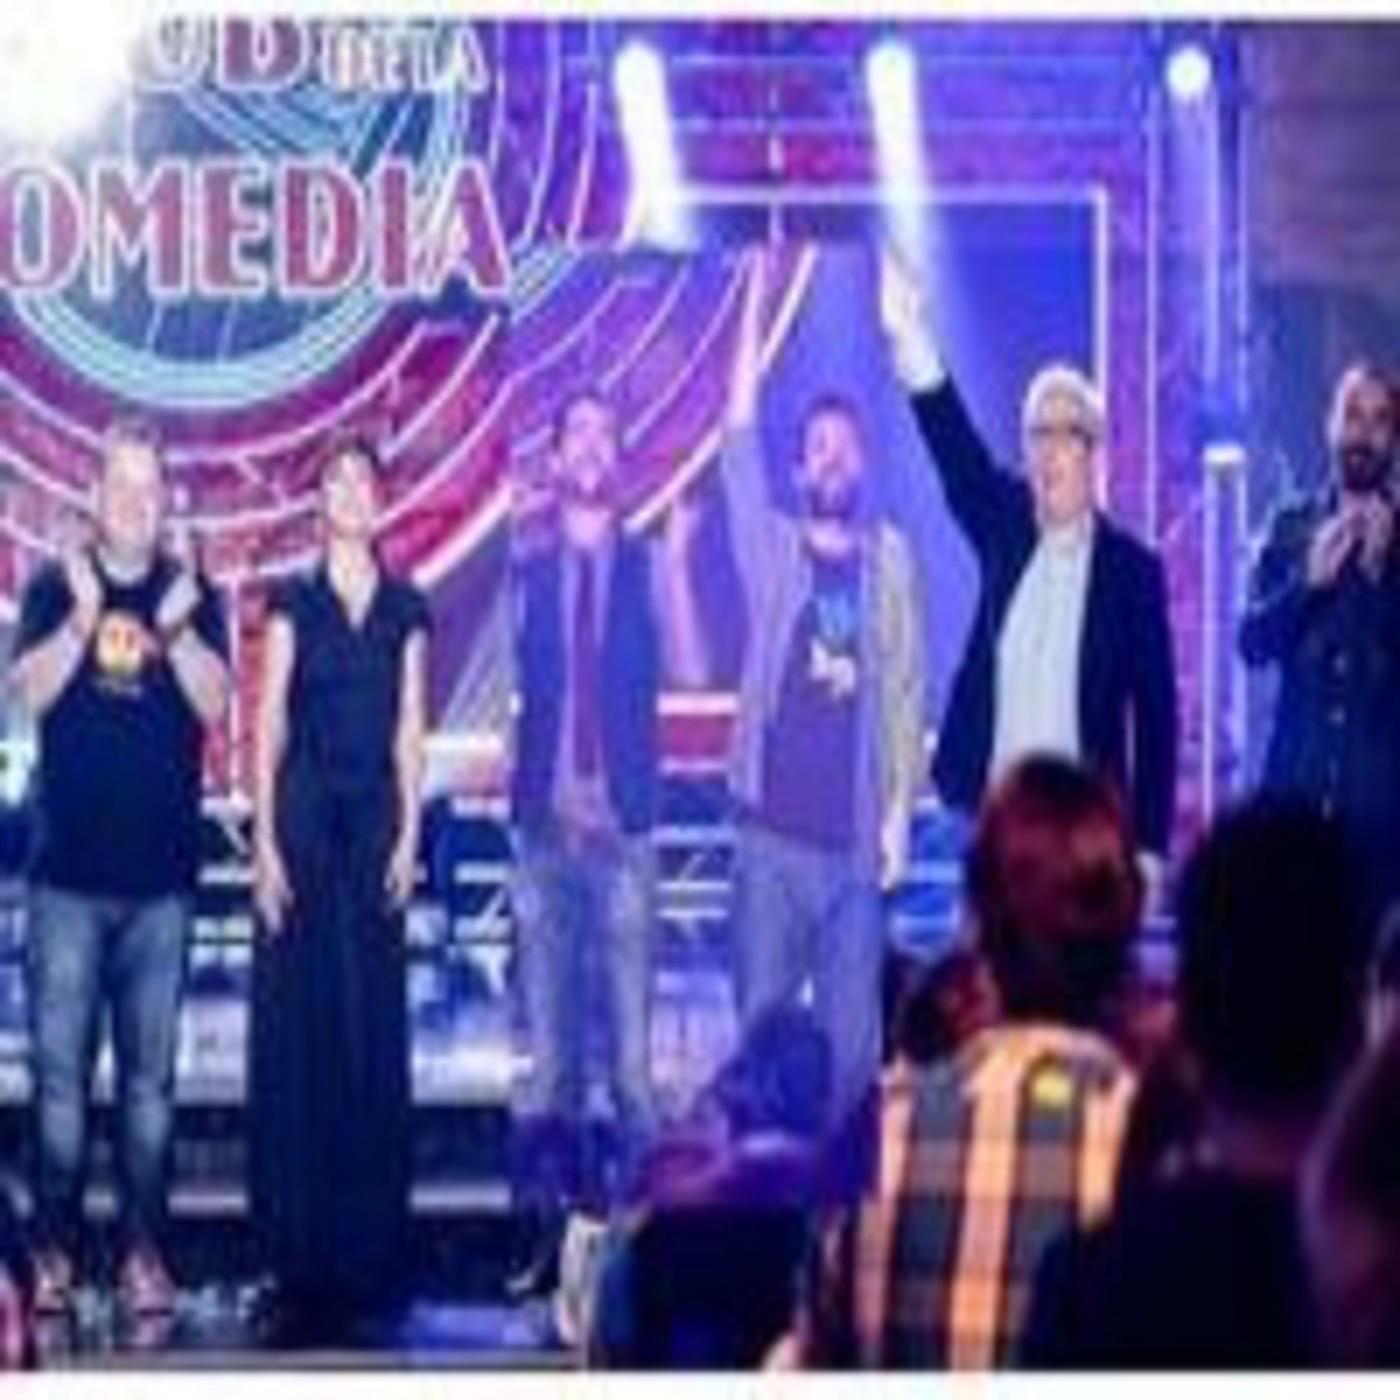 Club De La Comedia